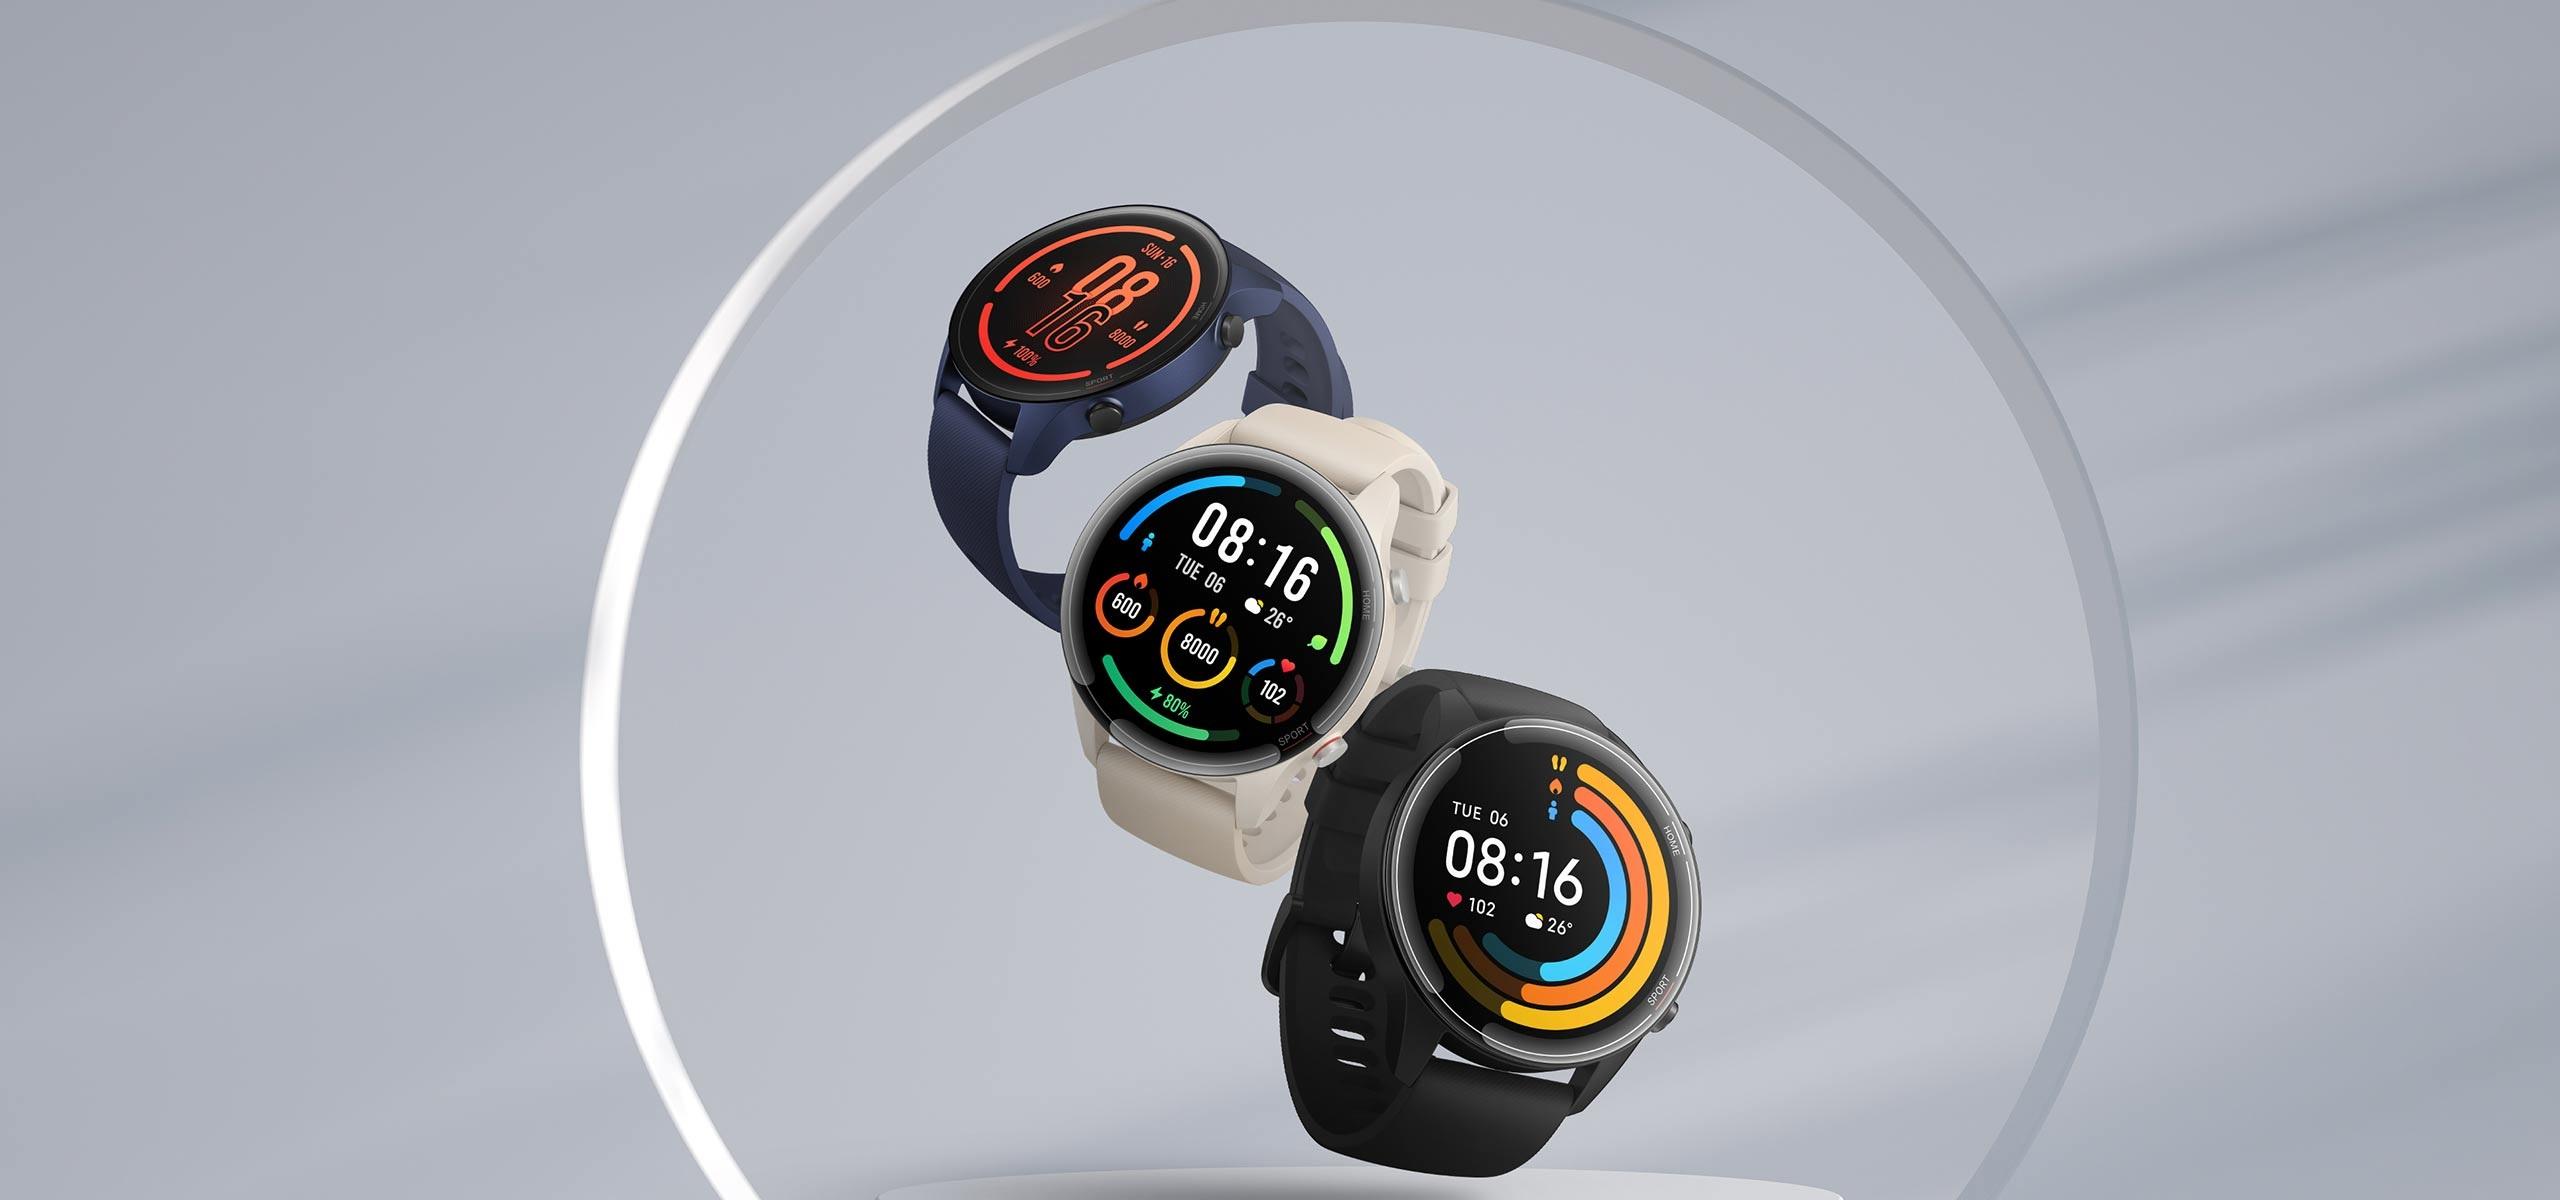 Xiaomi Mi Watch Revolve Active smartwatch